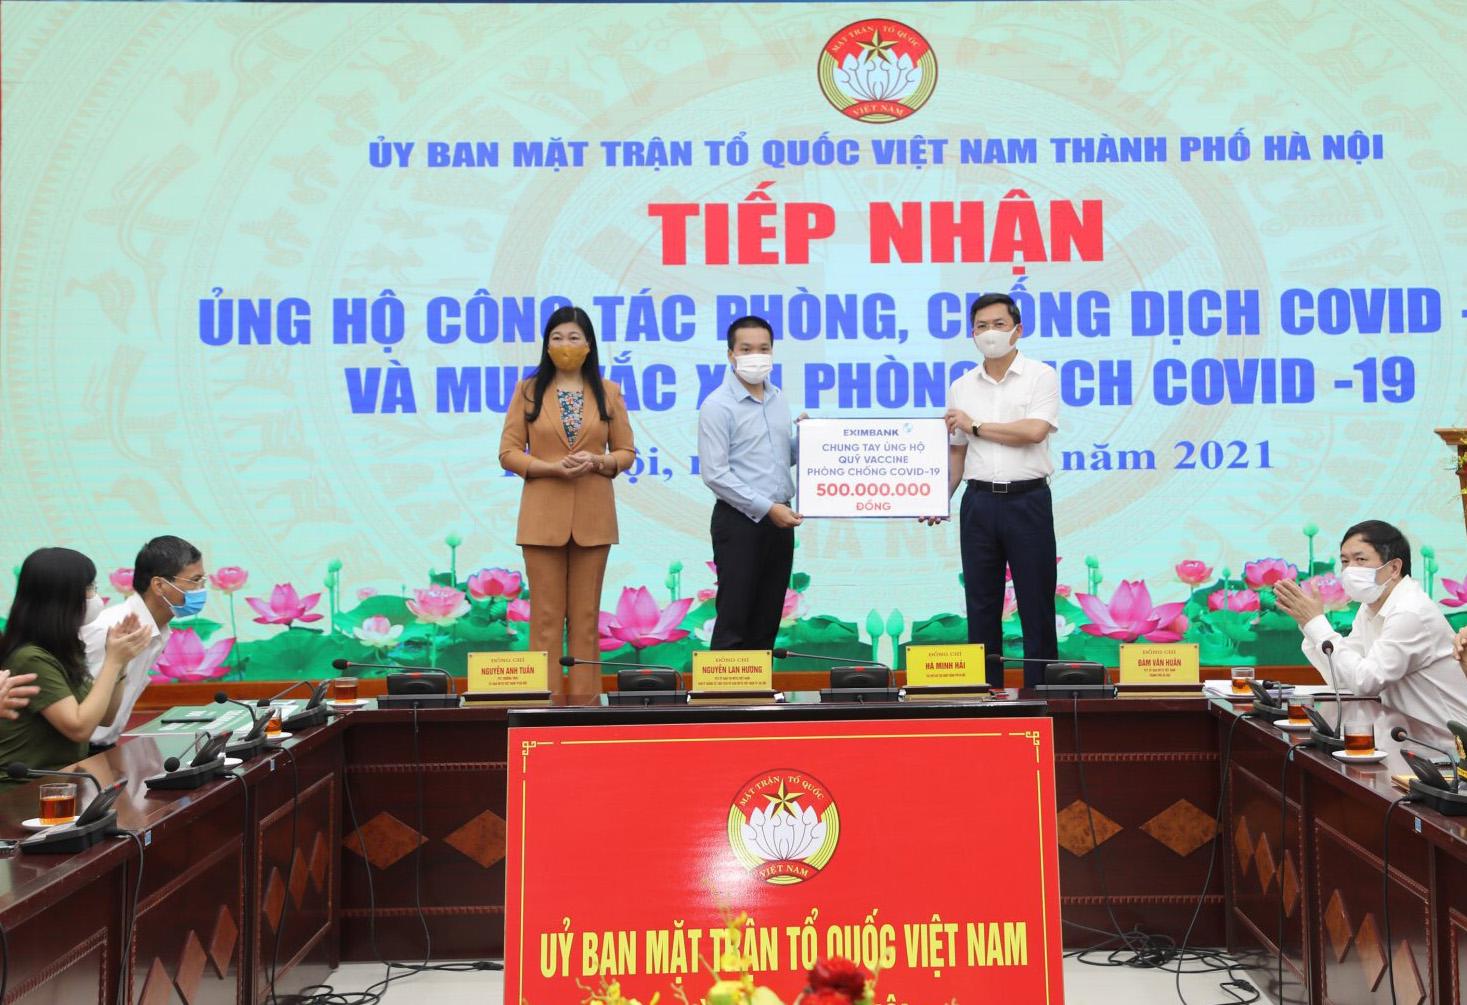 Ngày 10/6, đại diện Eximbank trao 500 triệu đồng trao cho Ủy ban Mặt trận Tổ quốc Việt Nam TP Hà Nội. Ảnh: Eximbank